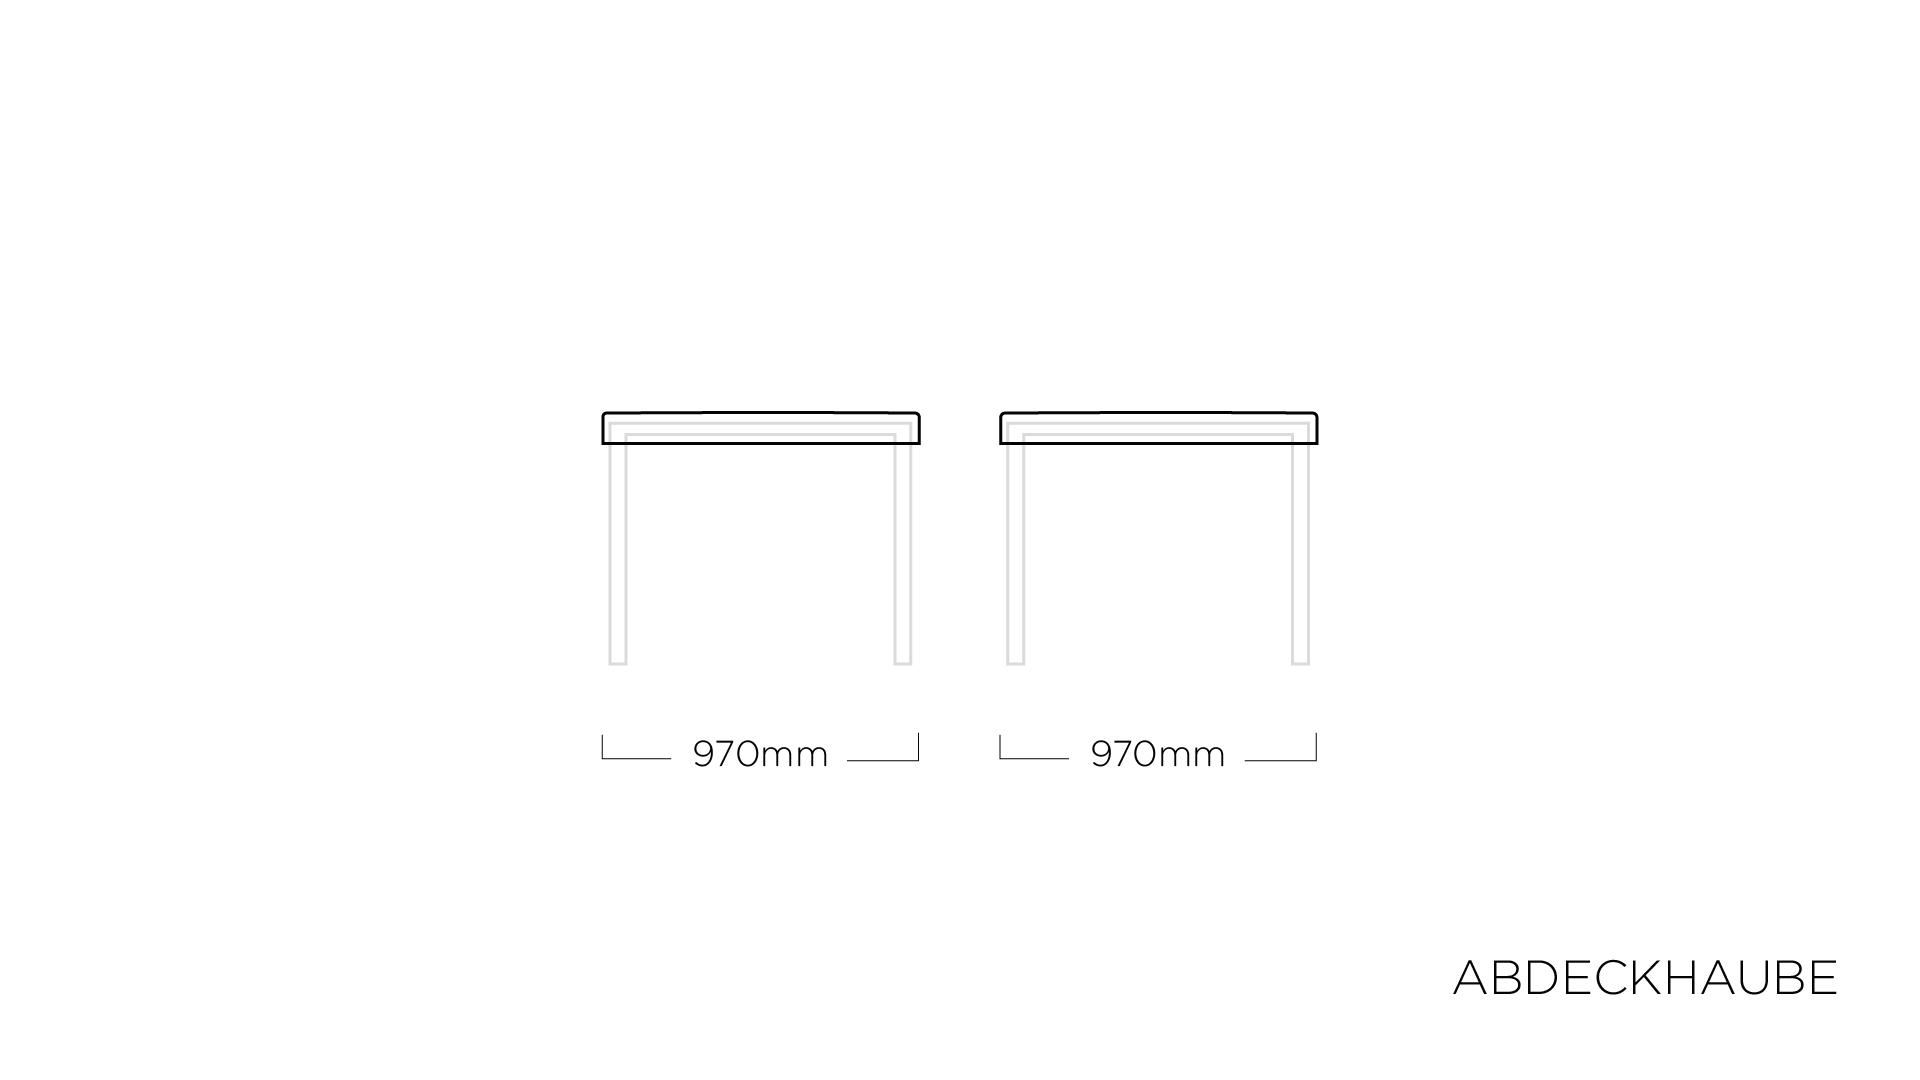 ABDECKHAUBEN für Tischplatte 95 x 95 cm